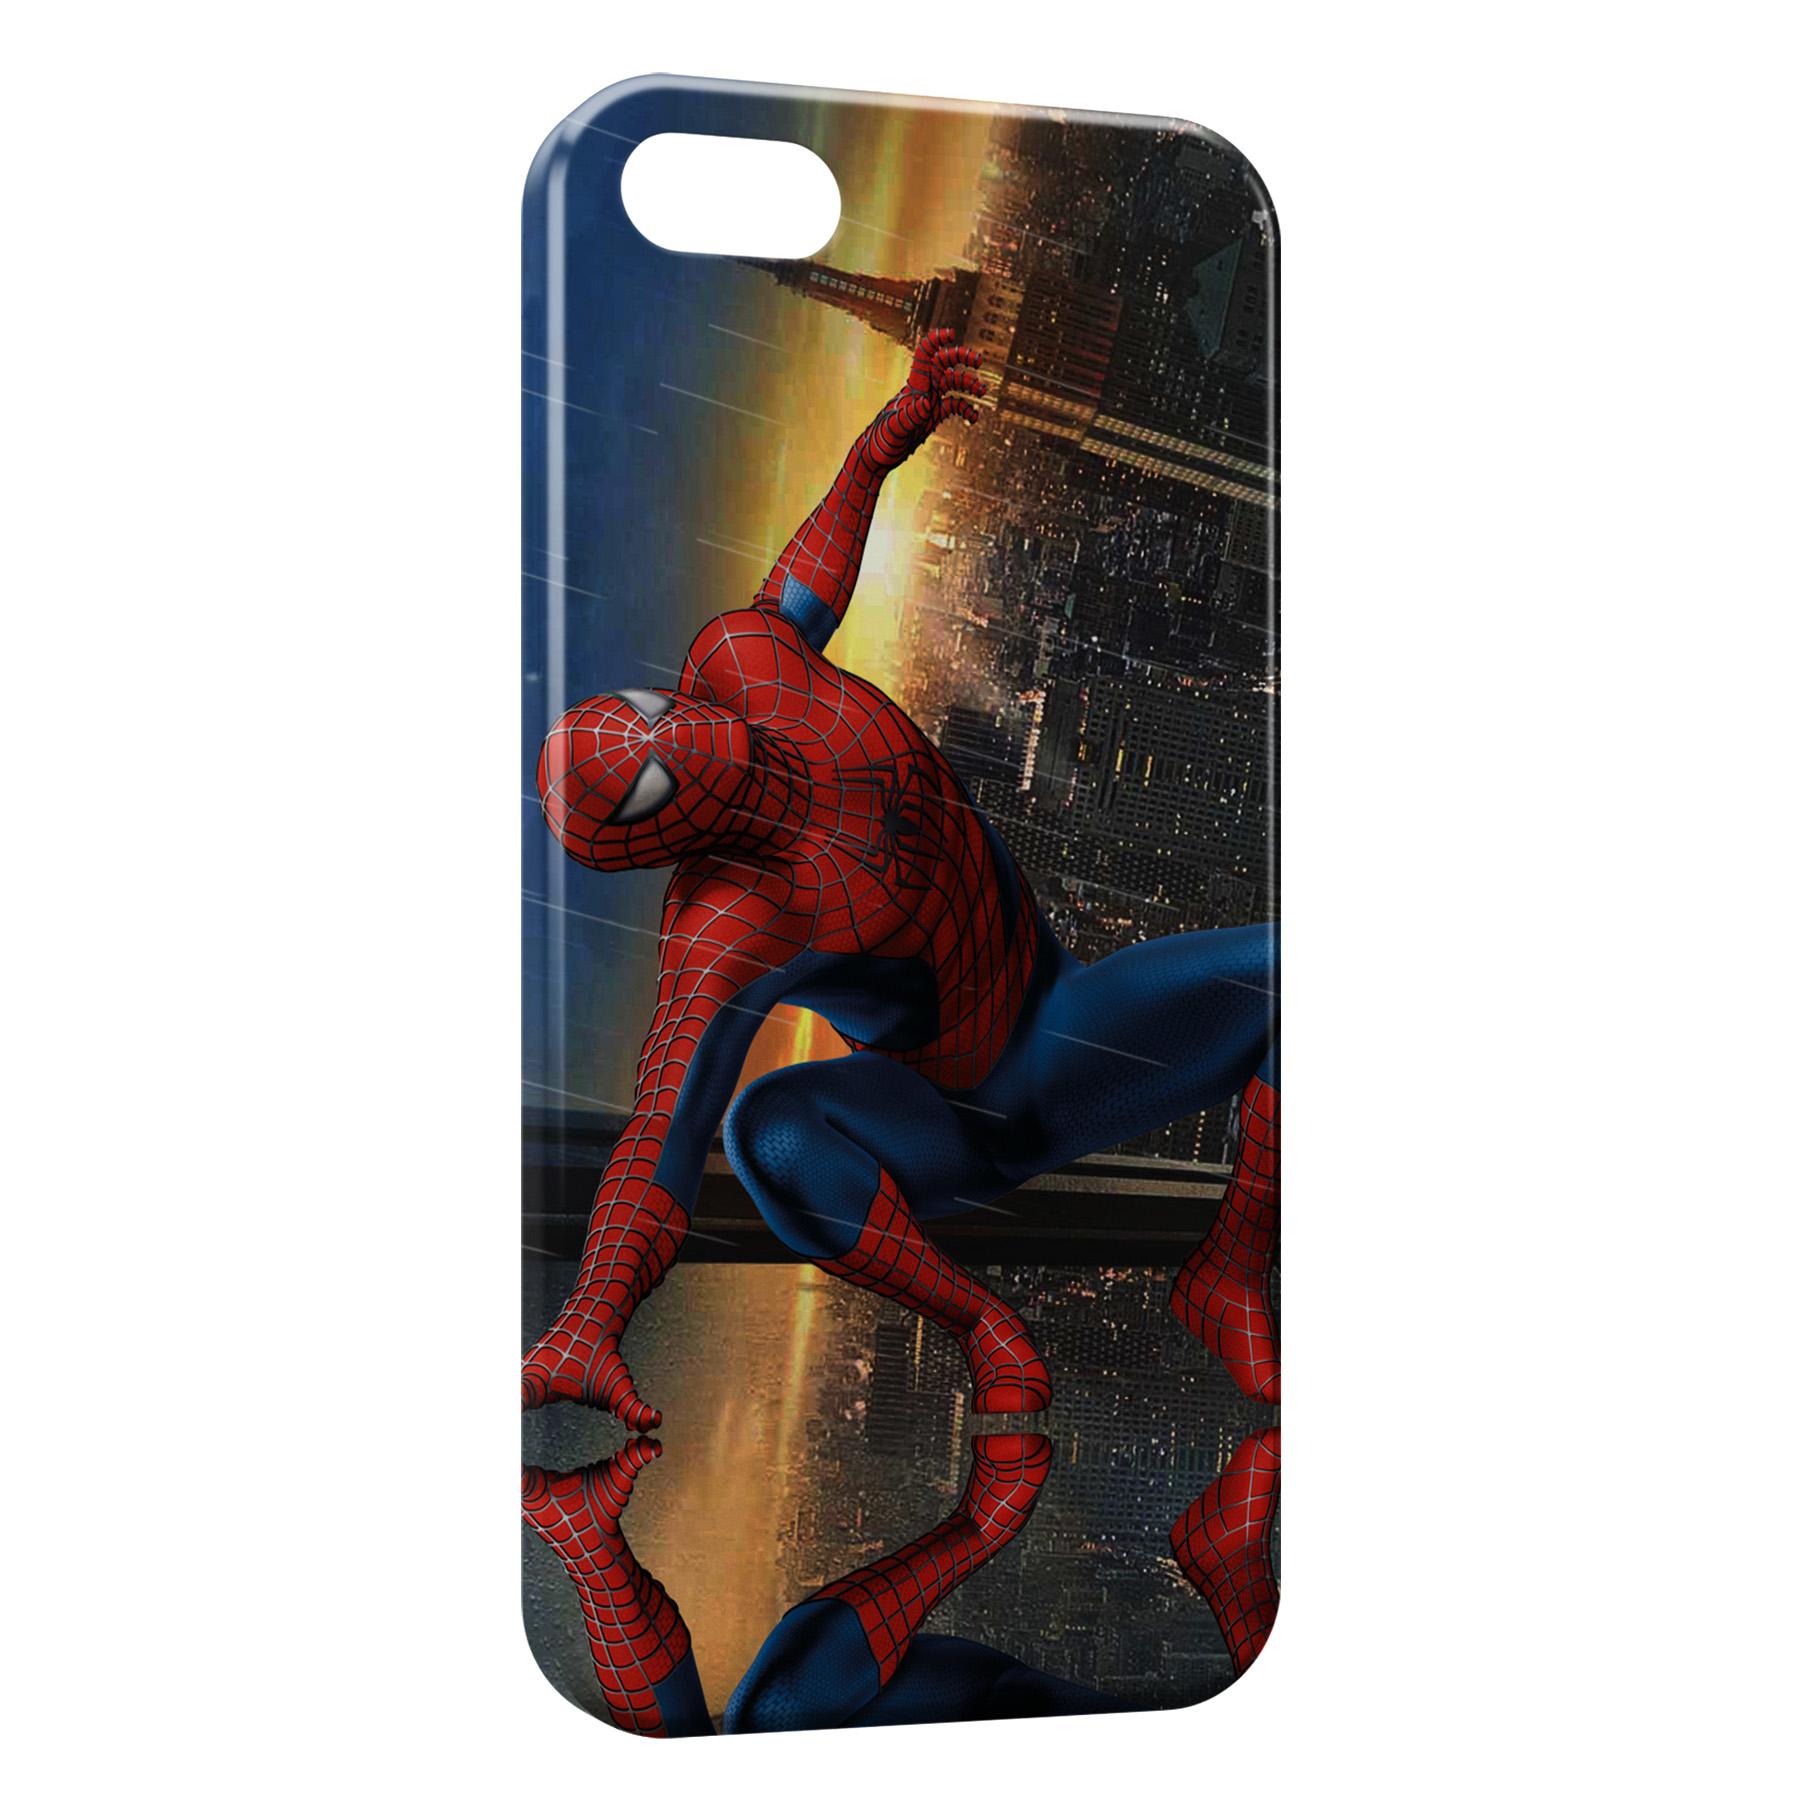 coque spiderman iphone 6 plus